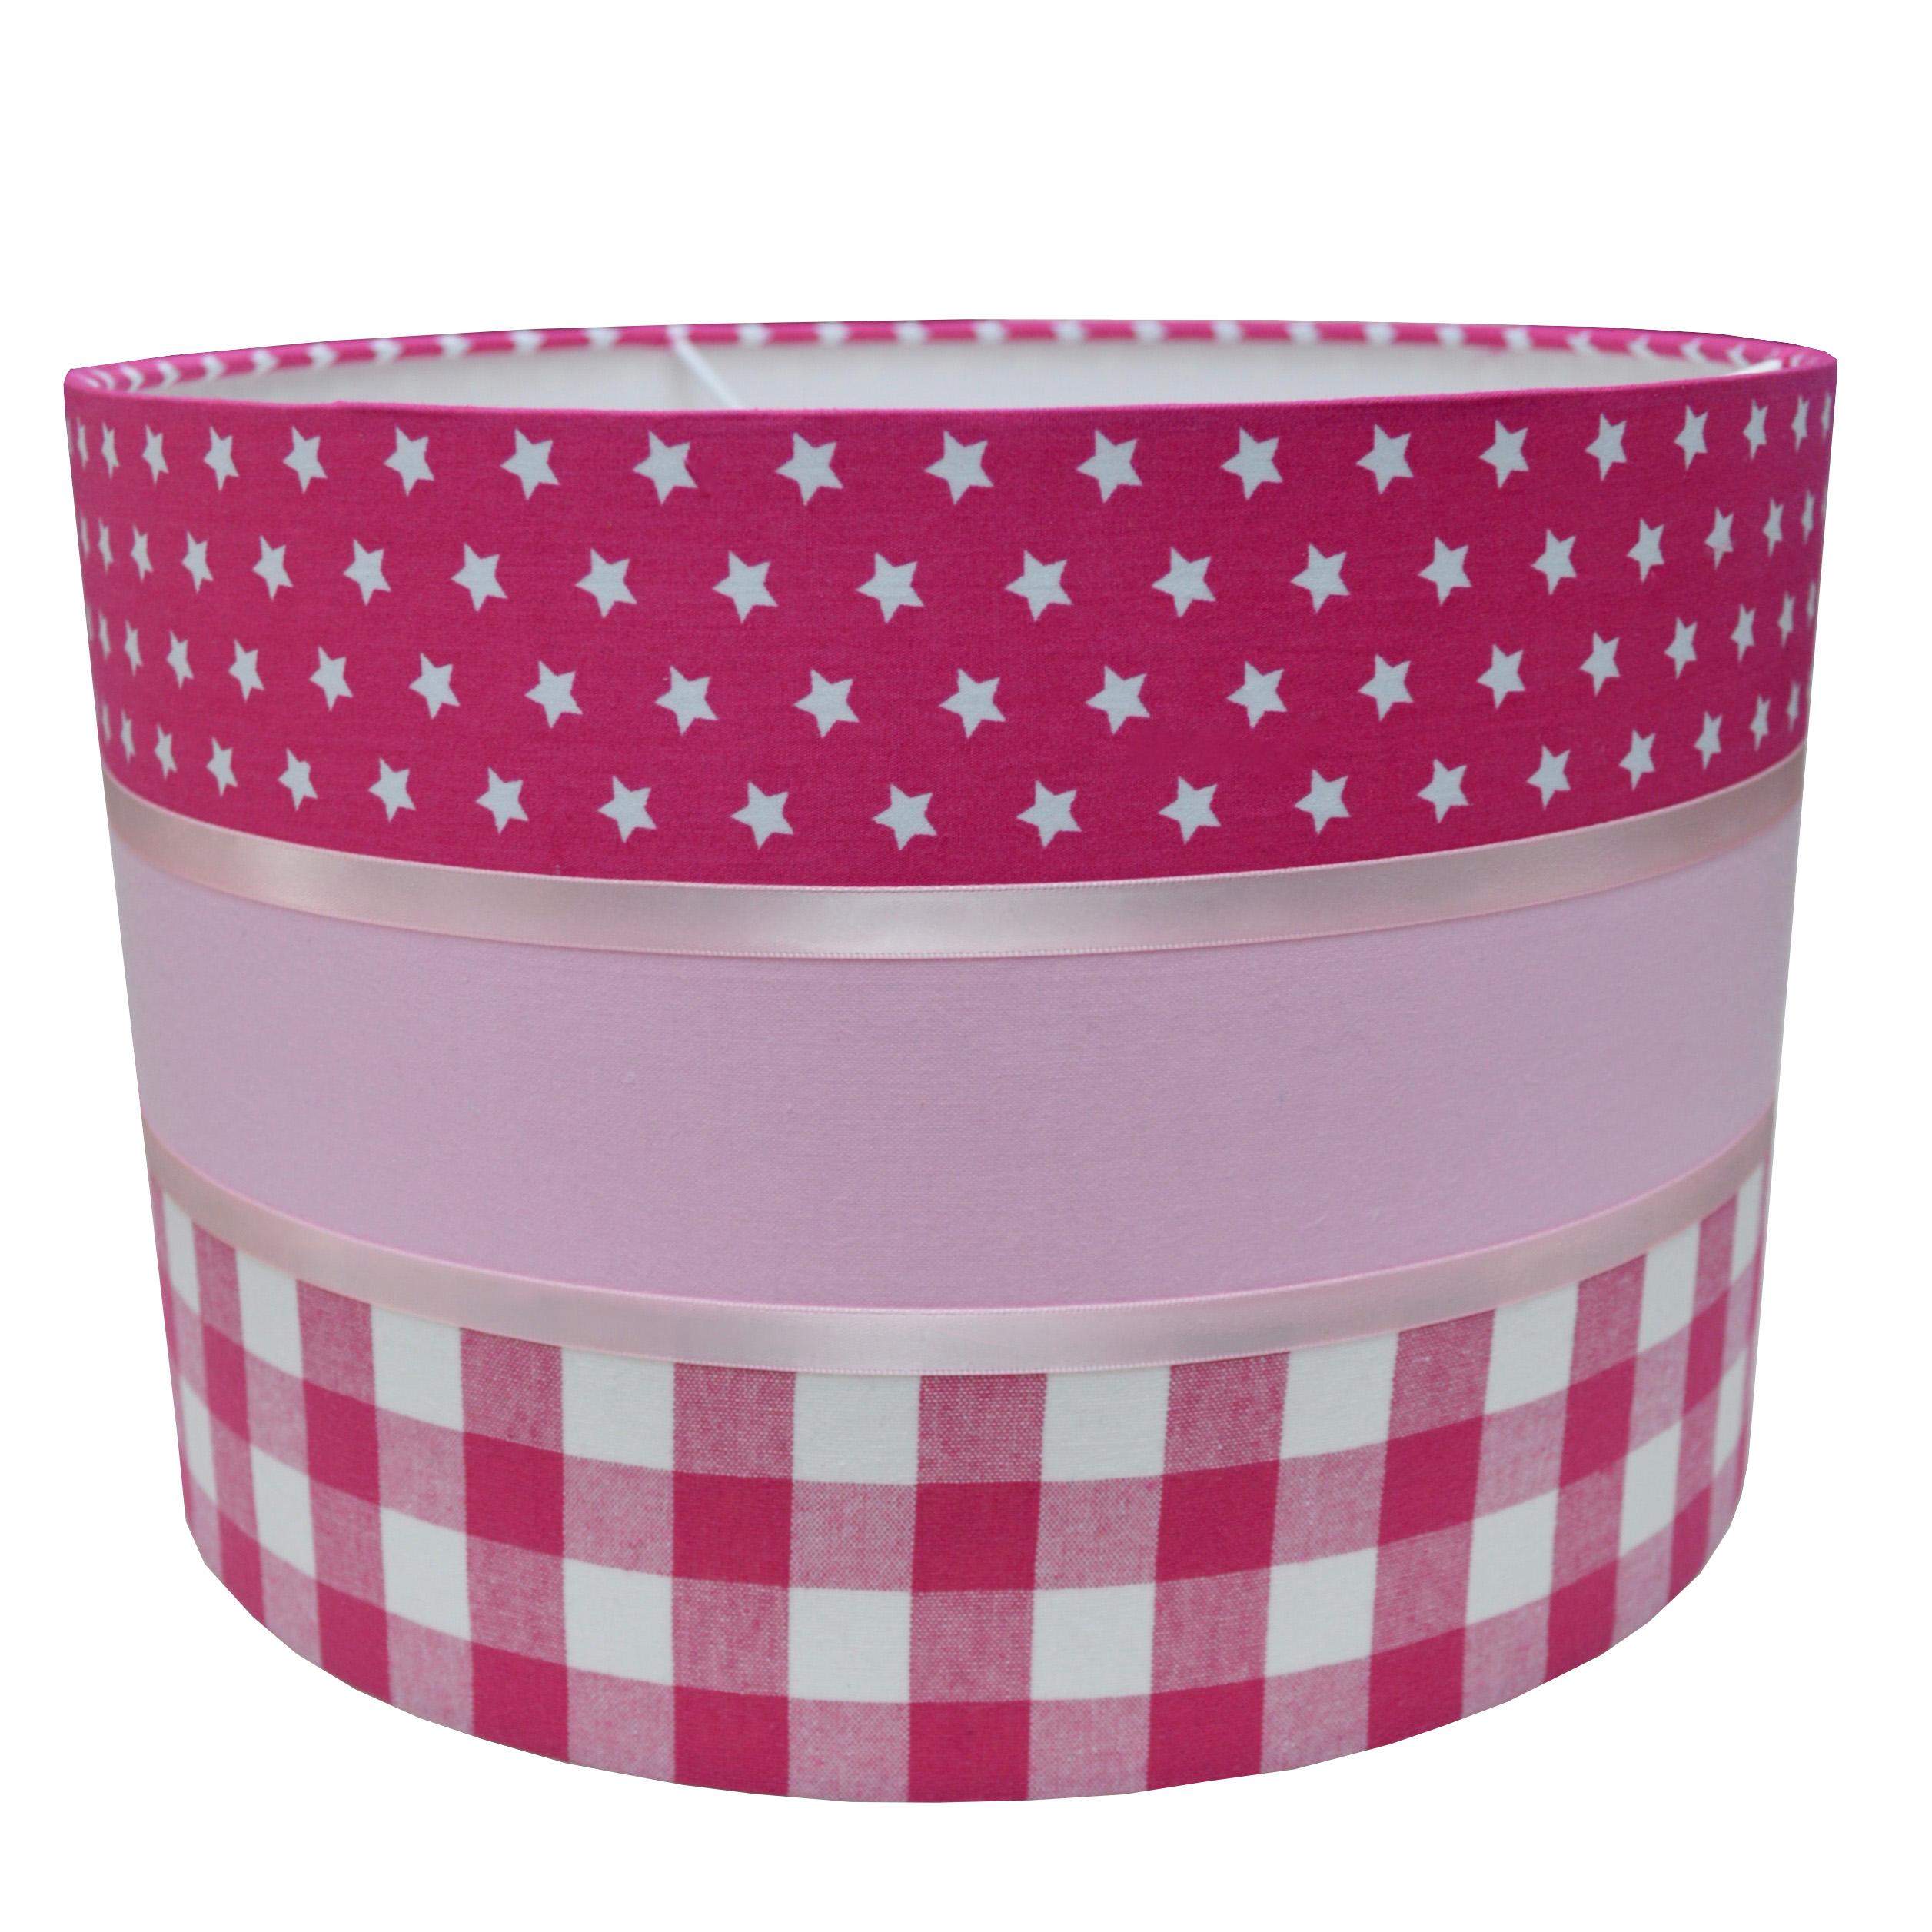 meisjeskamer-roze-lampenkappen